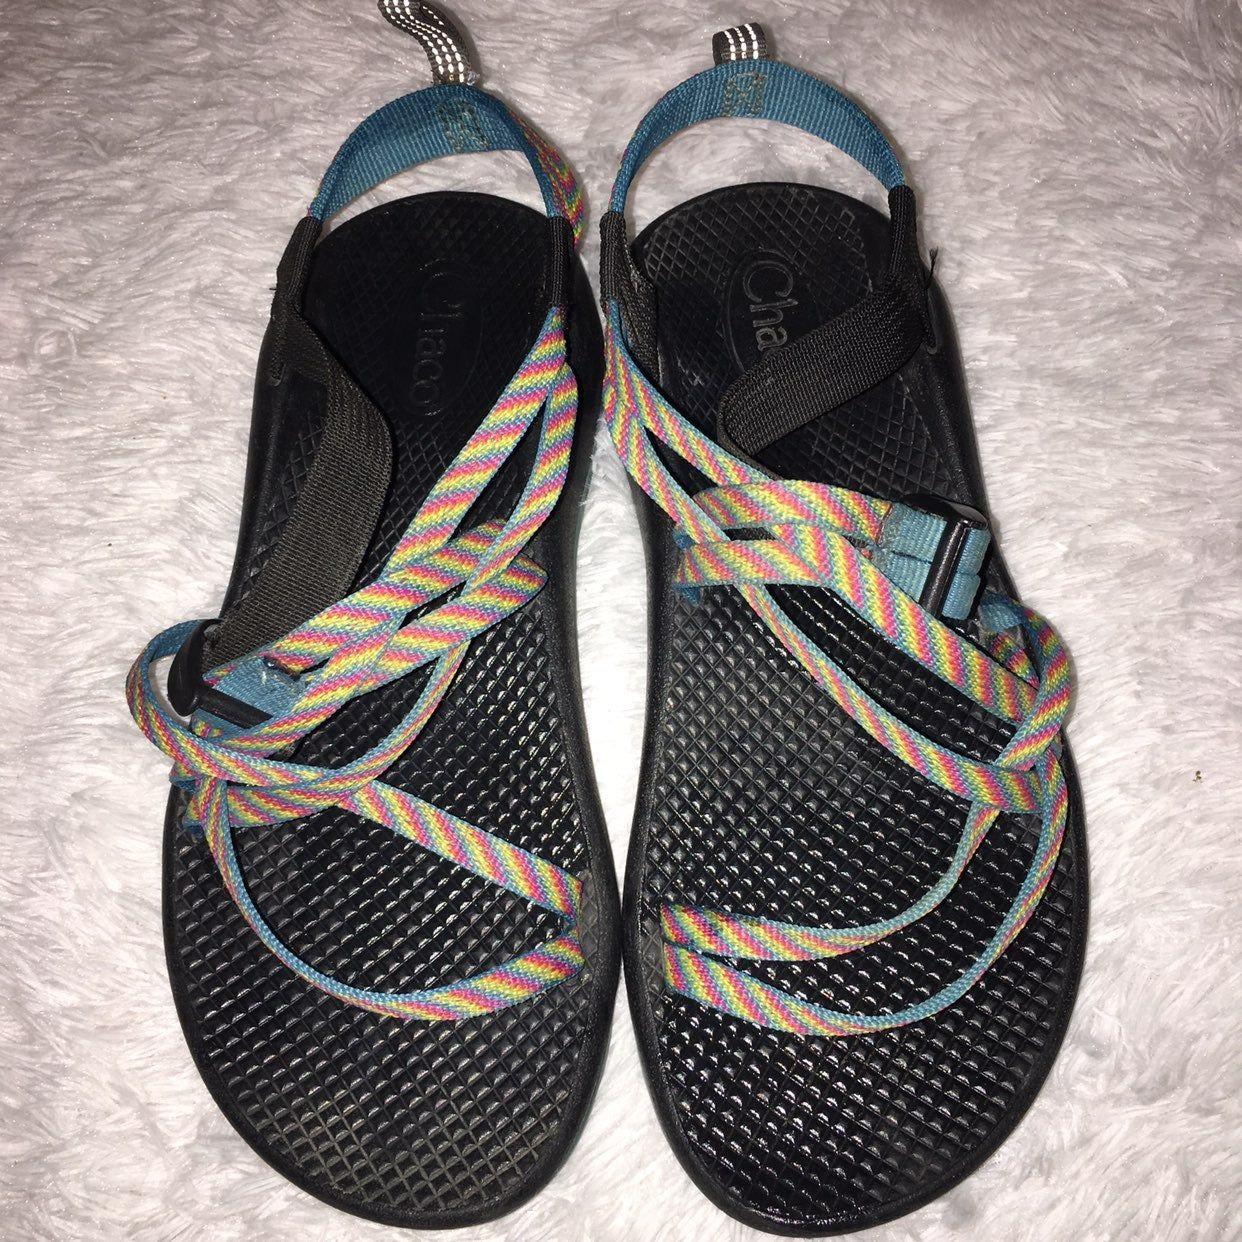 Chaco Fiesta Multi Color Sandals Sz 6